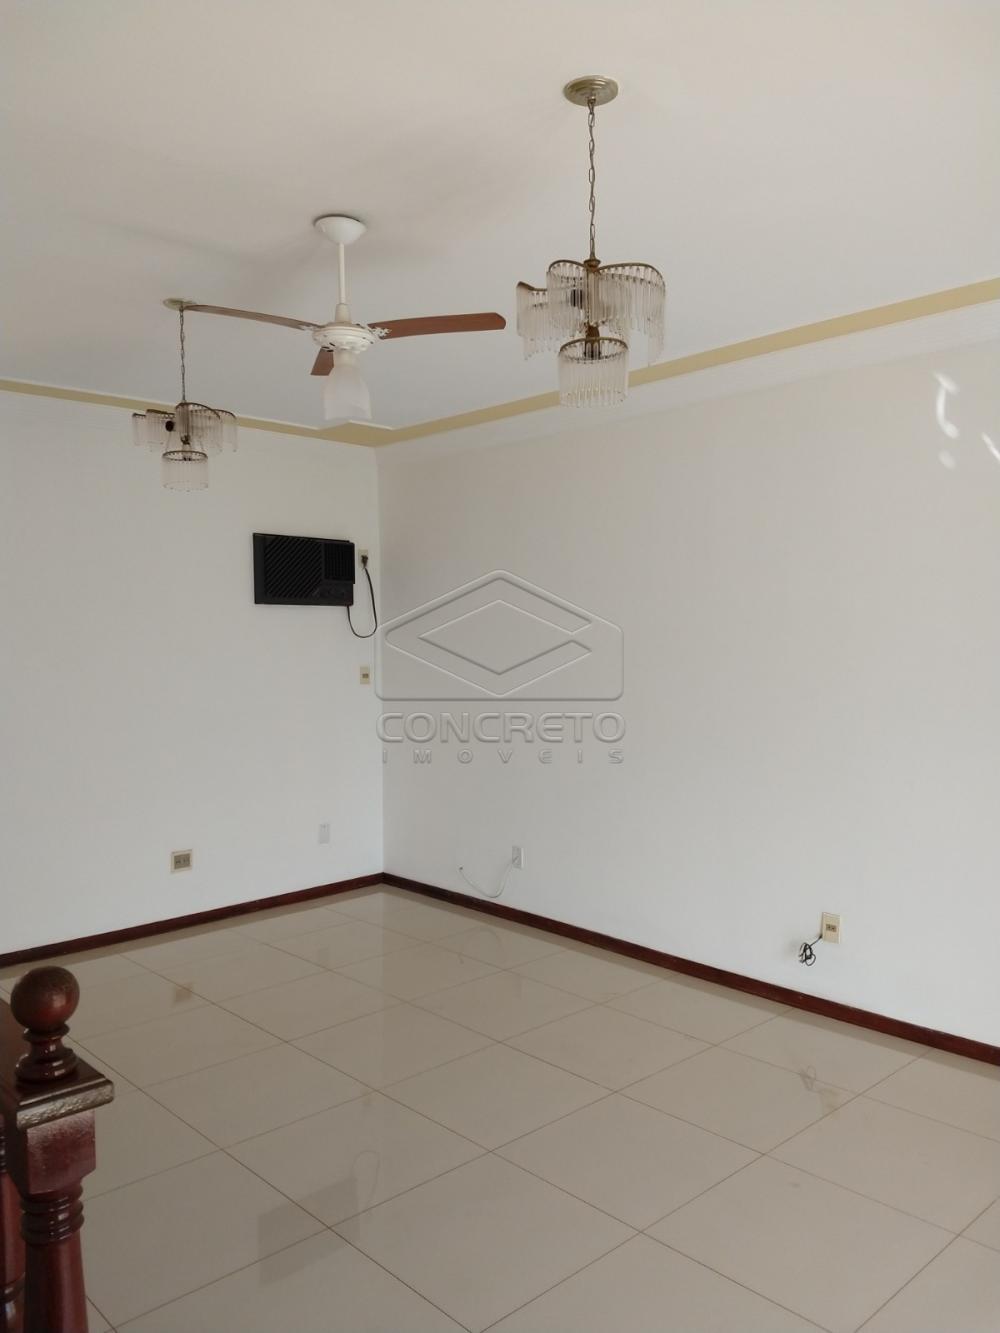 Alugar Casa / Residencia em Jaú R$ 1.200,00 - Foto 5